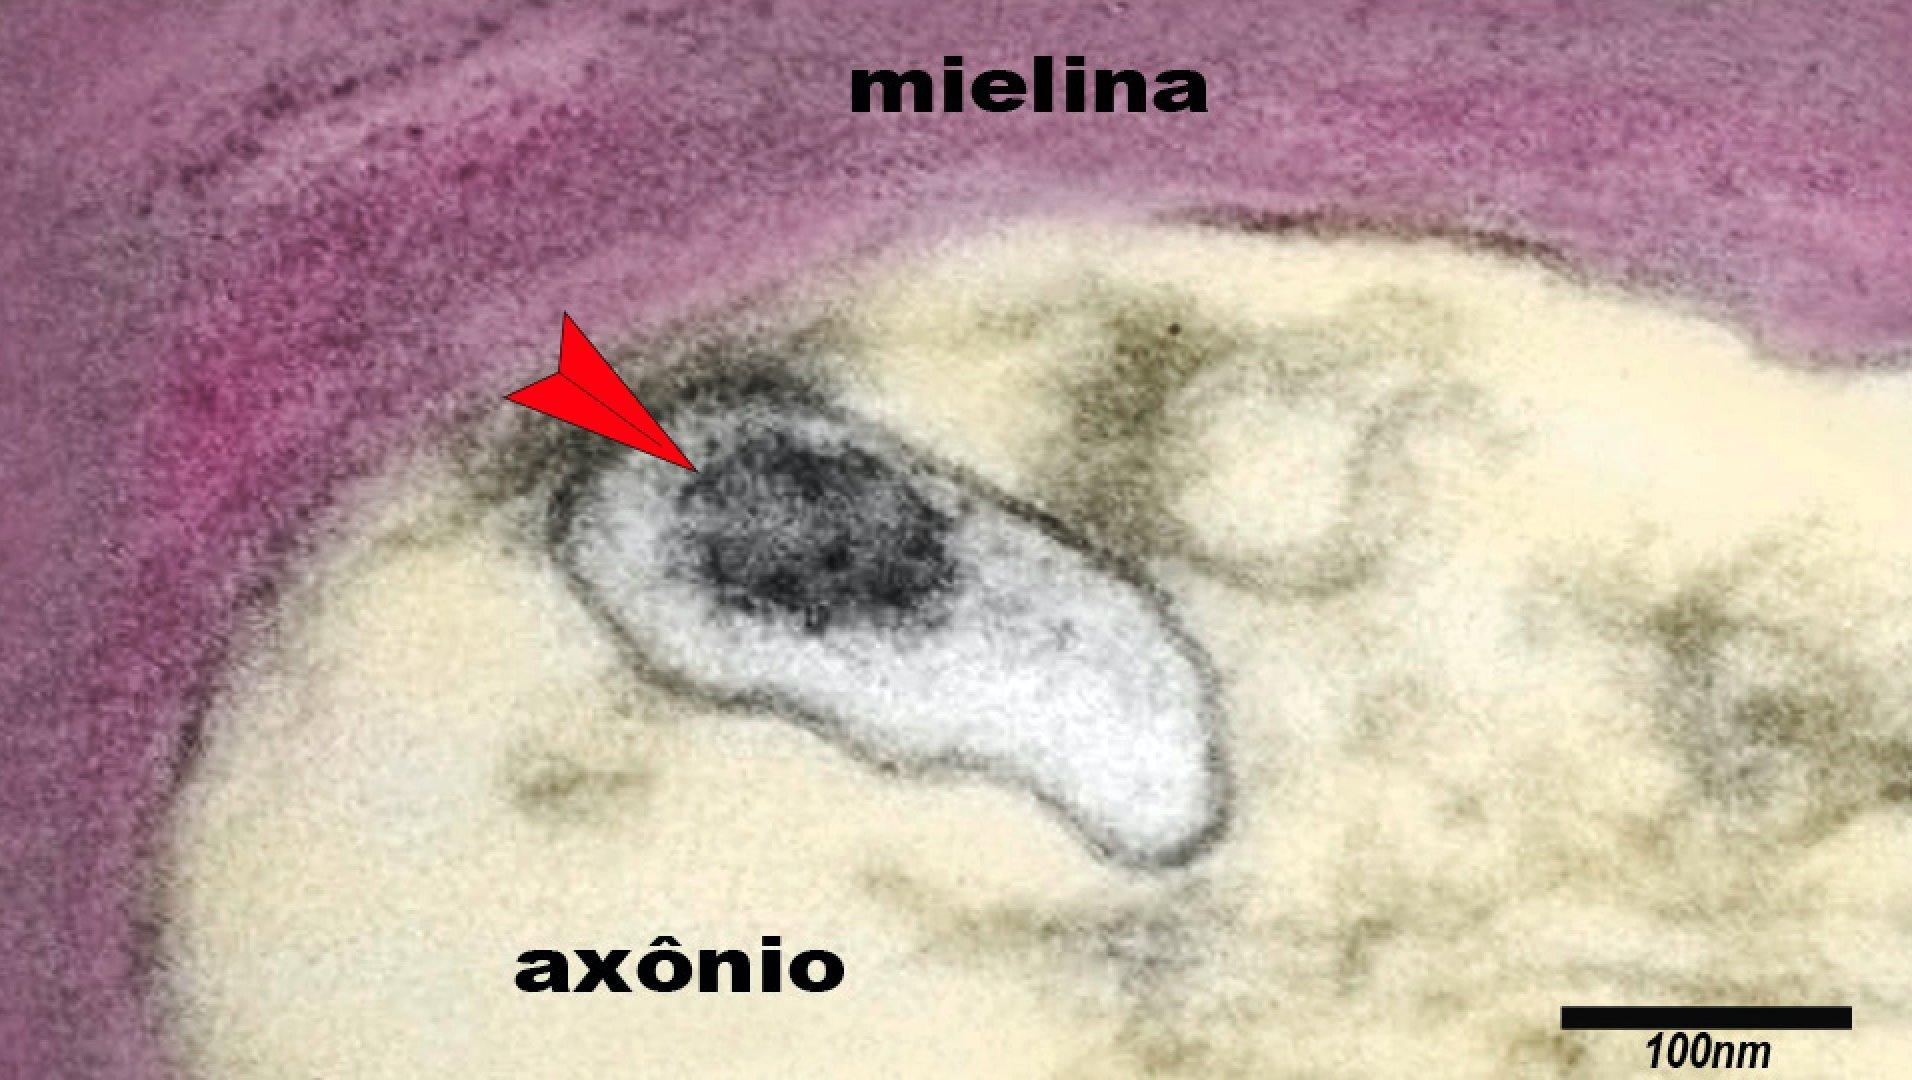 A imagem mostra um axônio de um neurônio do cérebro de uma criança com síndrome inflamatória multissistêmica pediátrica (SIM-P). A seta aponta o vírus SARS-CoV-2 em uma vesícula no citoplasma do axônio.